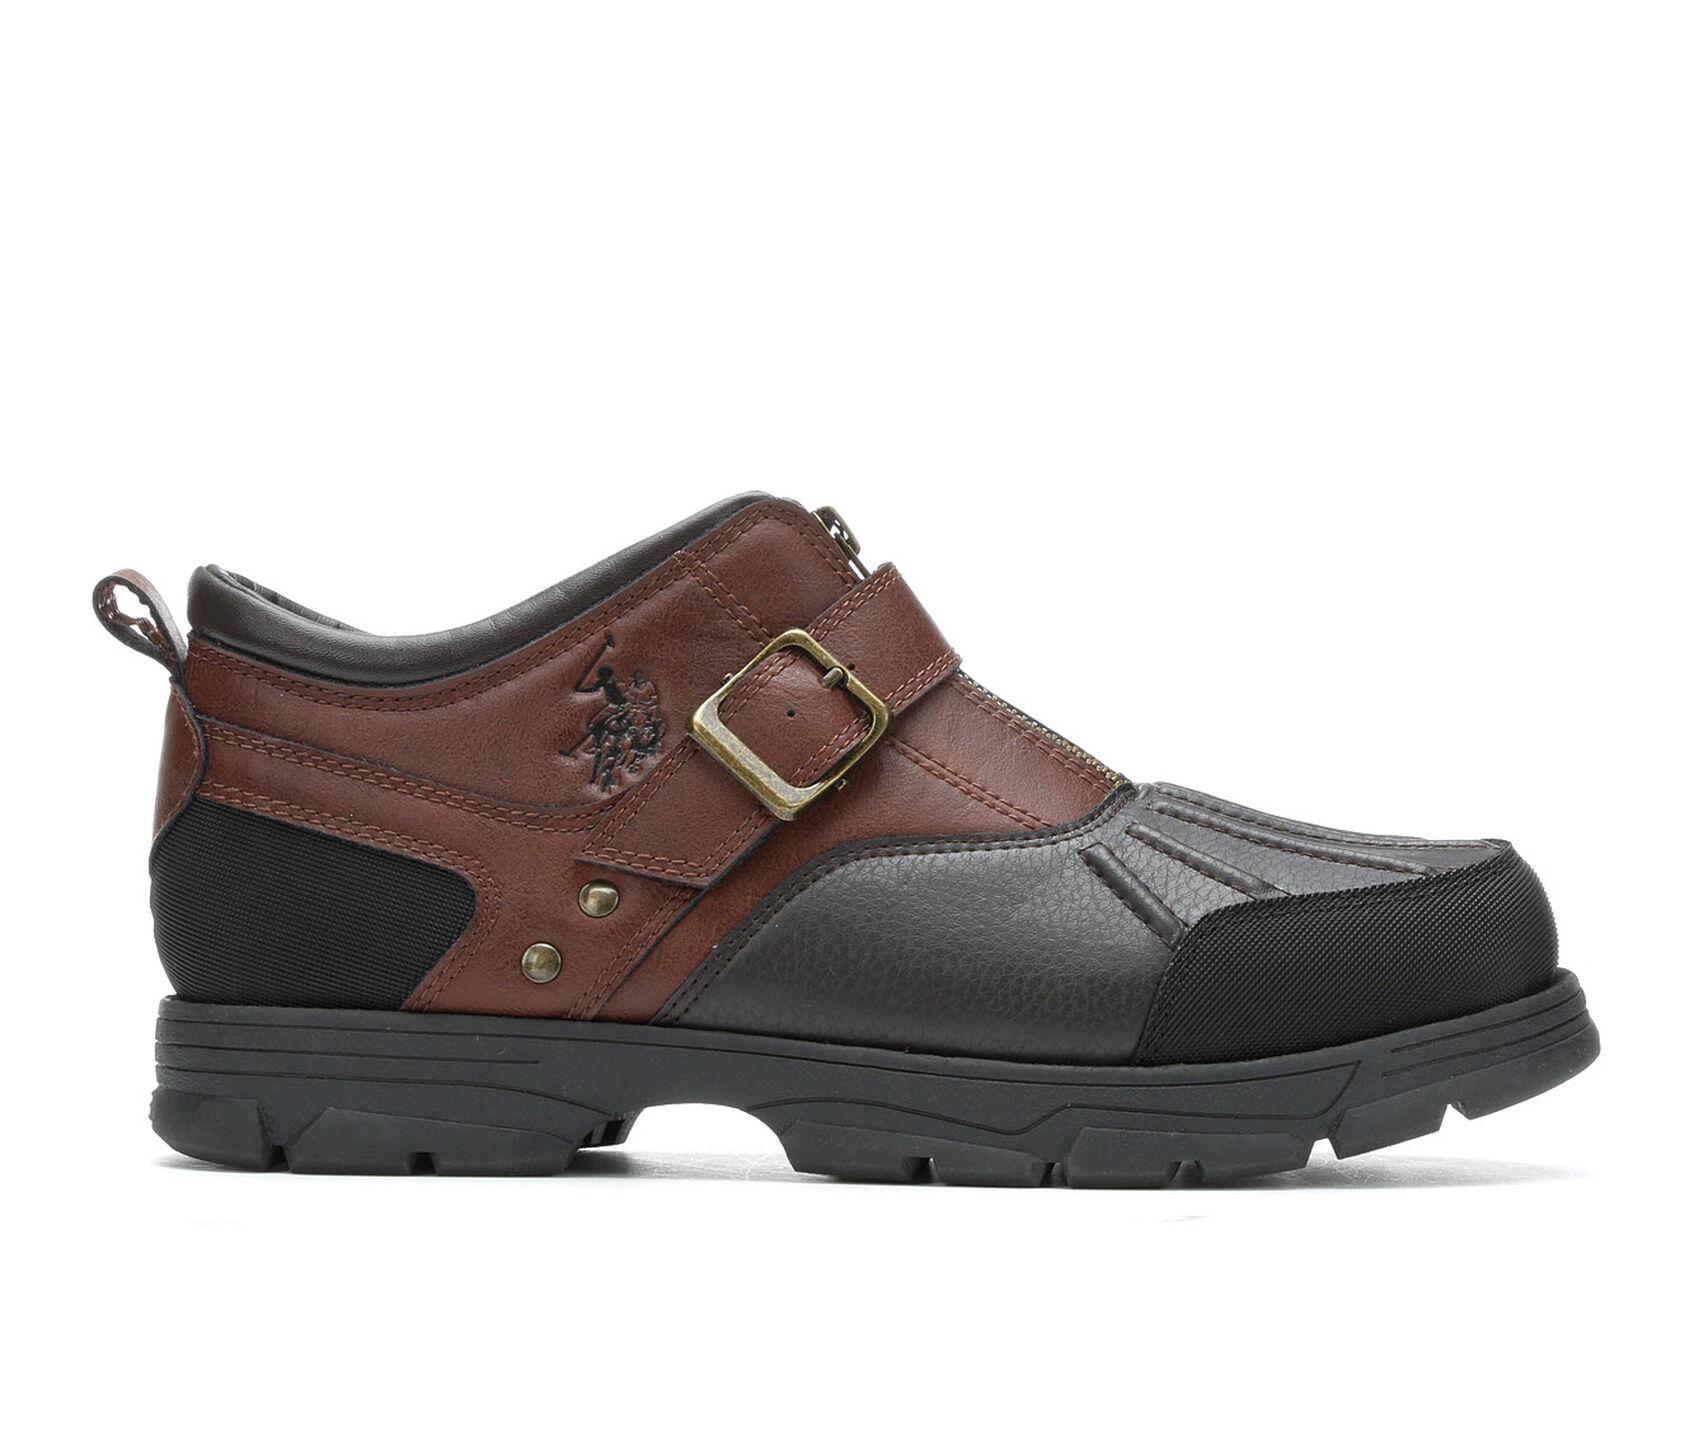 a601ddba237 Men's US Polo Assn Montel Casual Boots